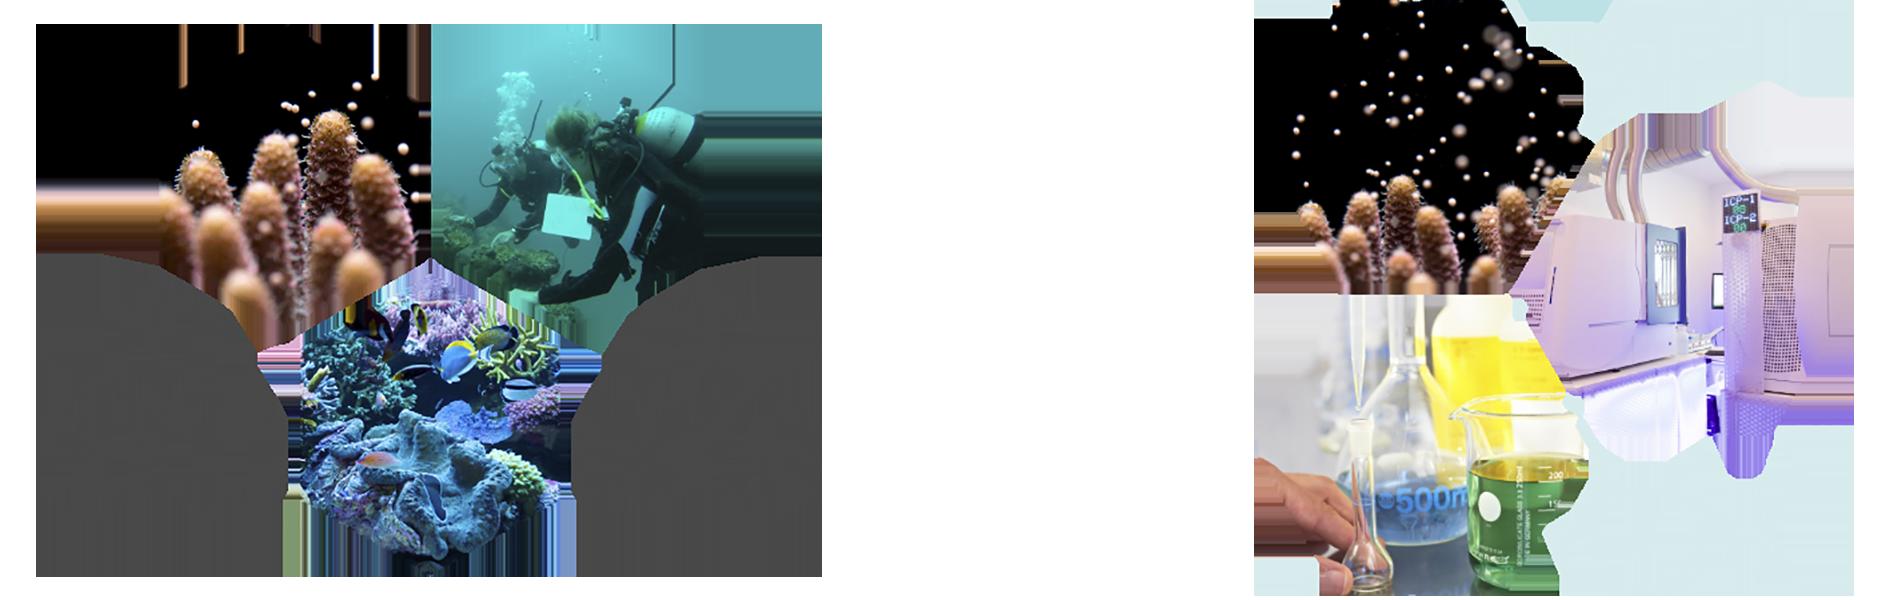 Diferencia Triton